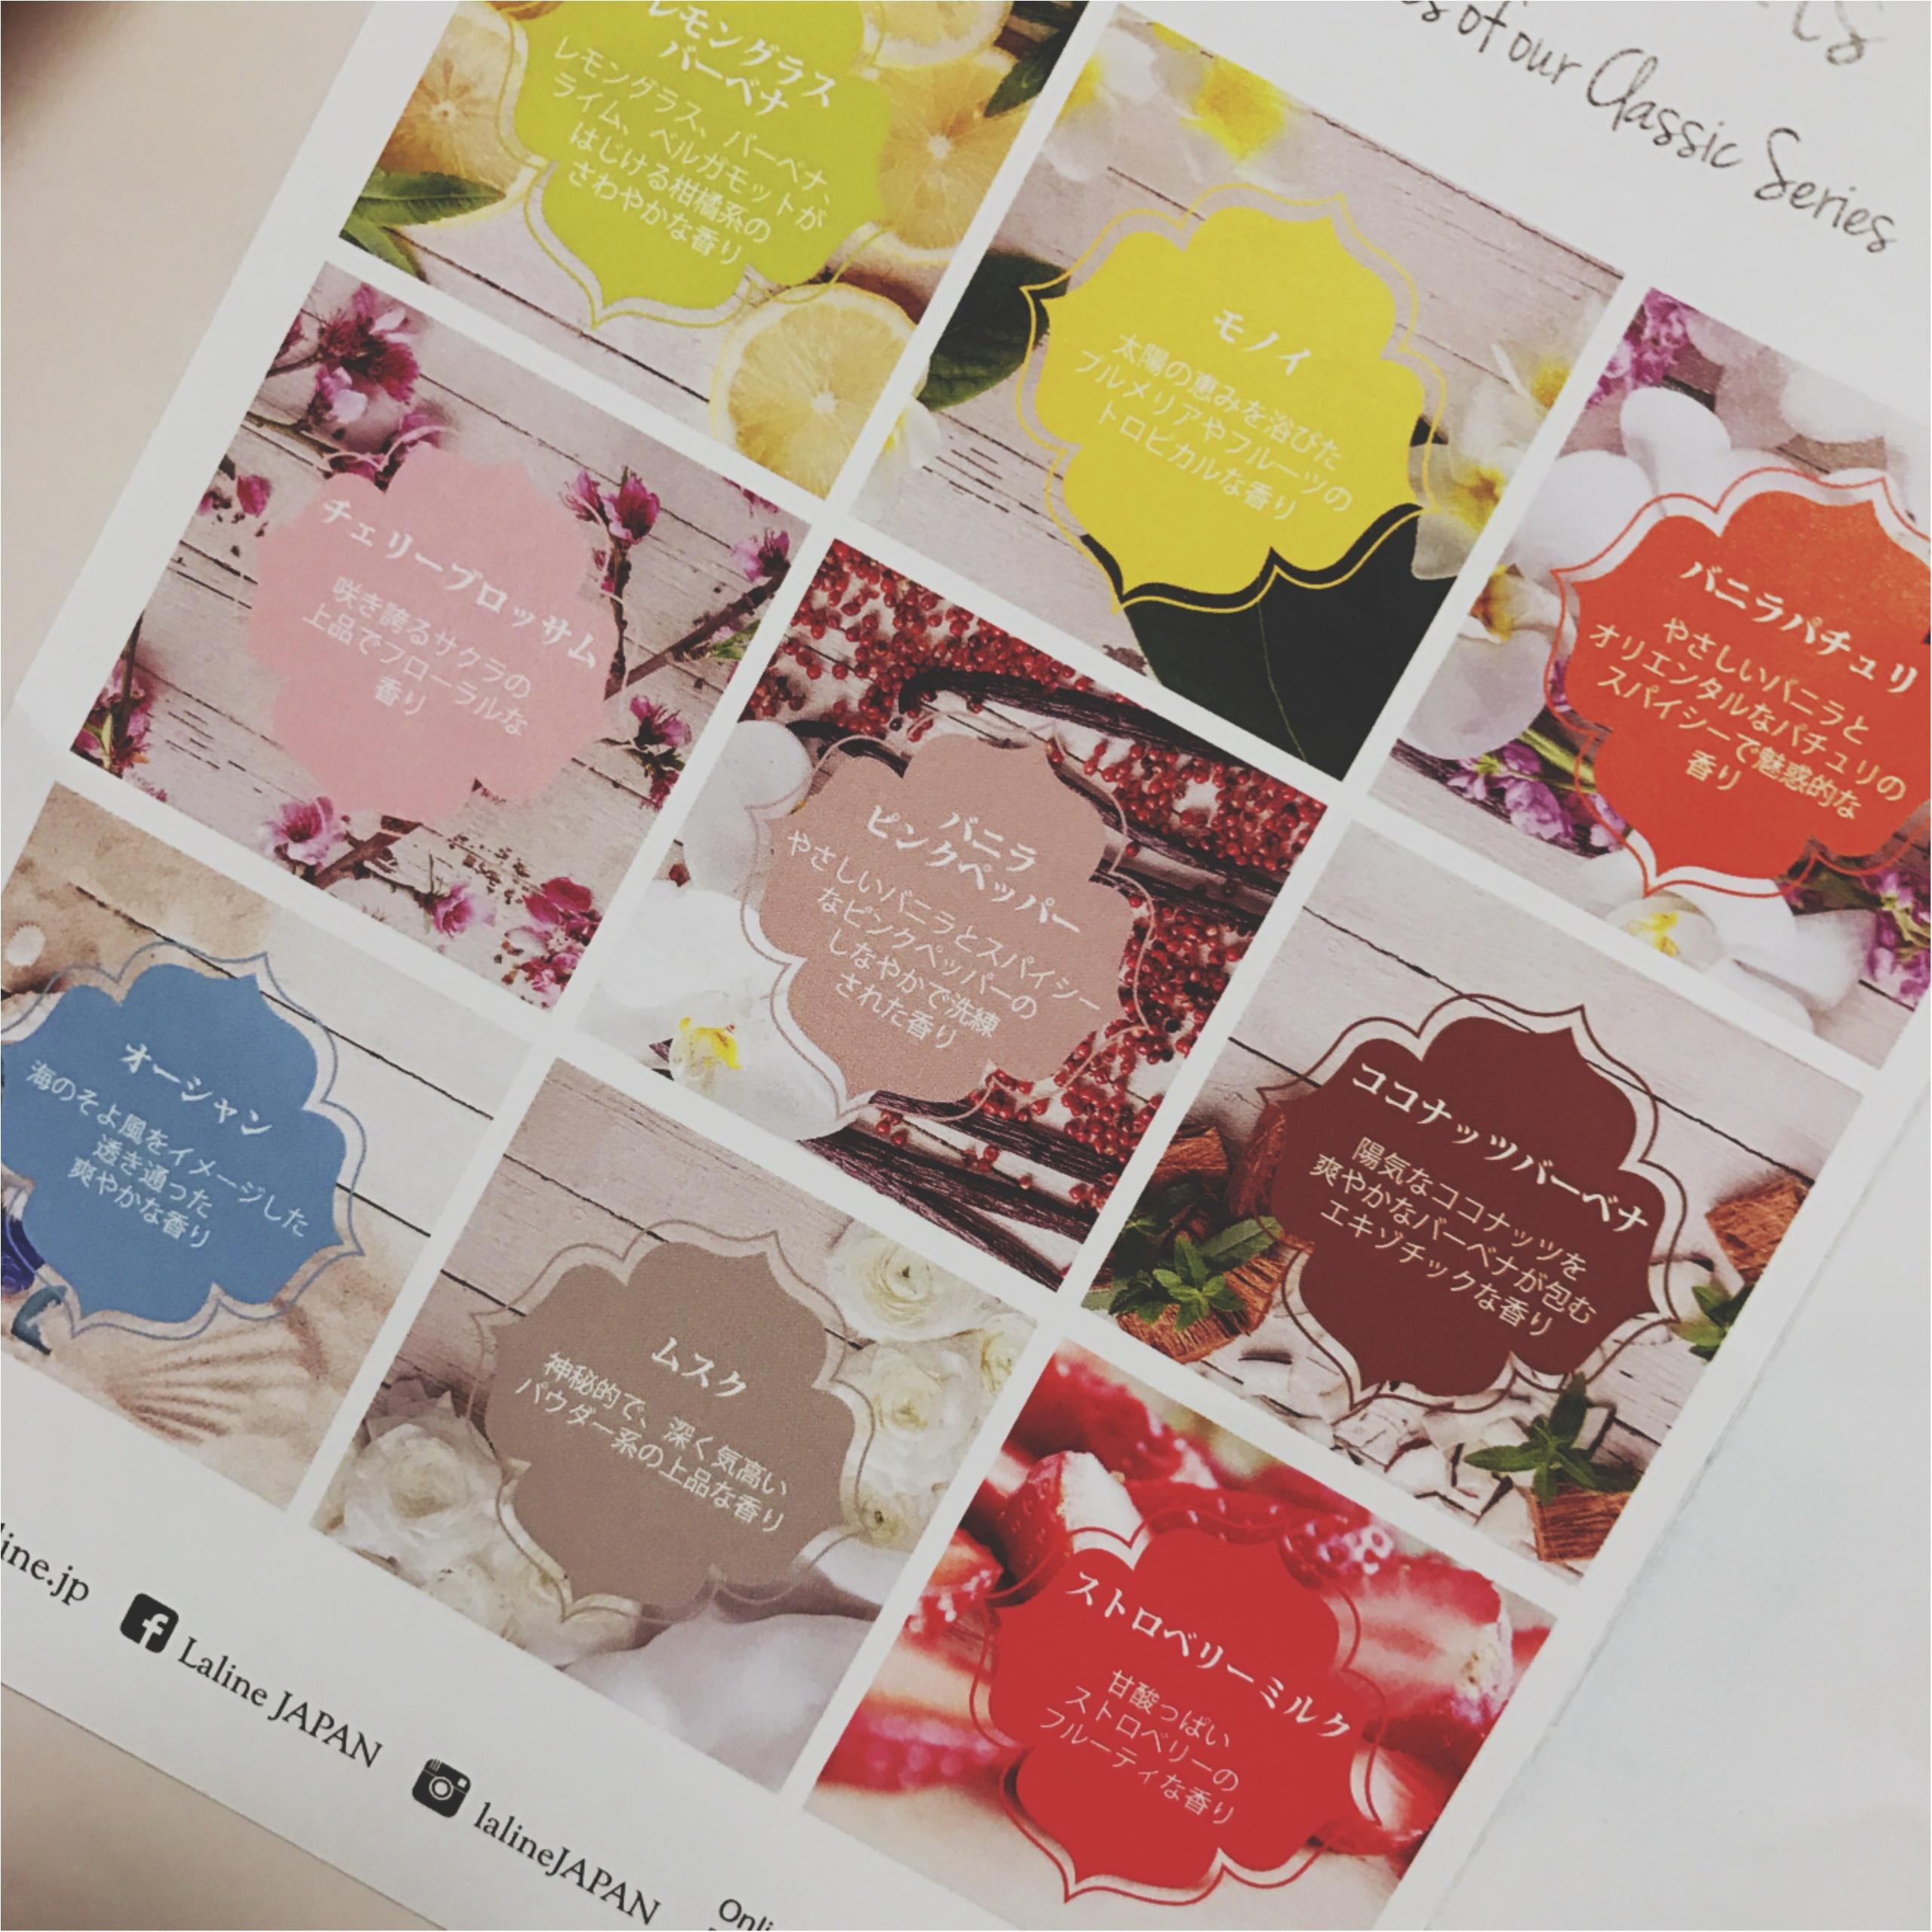 ★可愛いだけじゃない!香りはなんと9種類♡好きな香りが必ず見つかる、『Laline』のハンドクリーム★_2